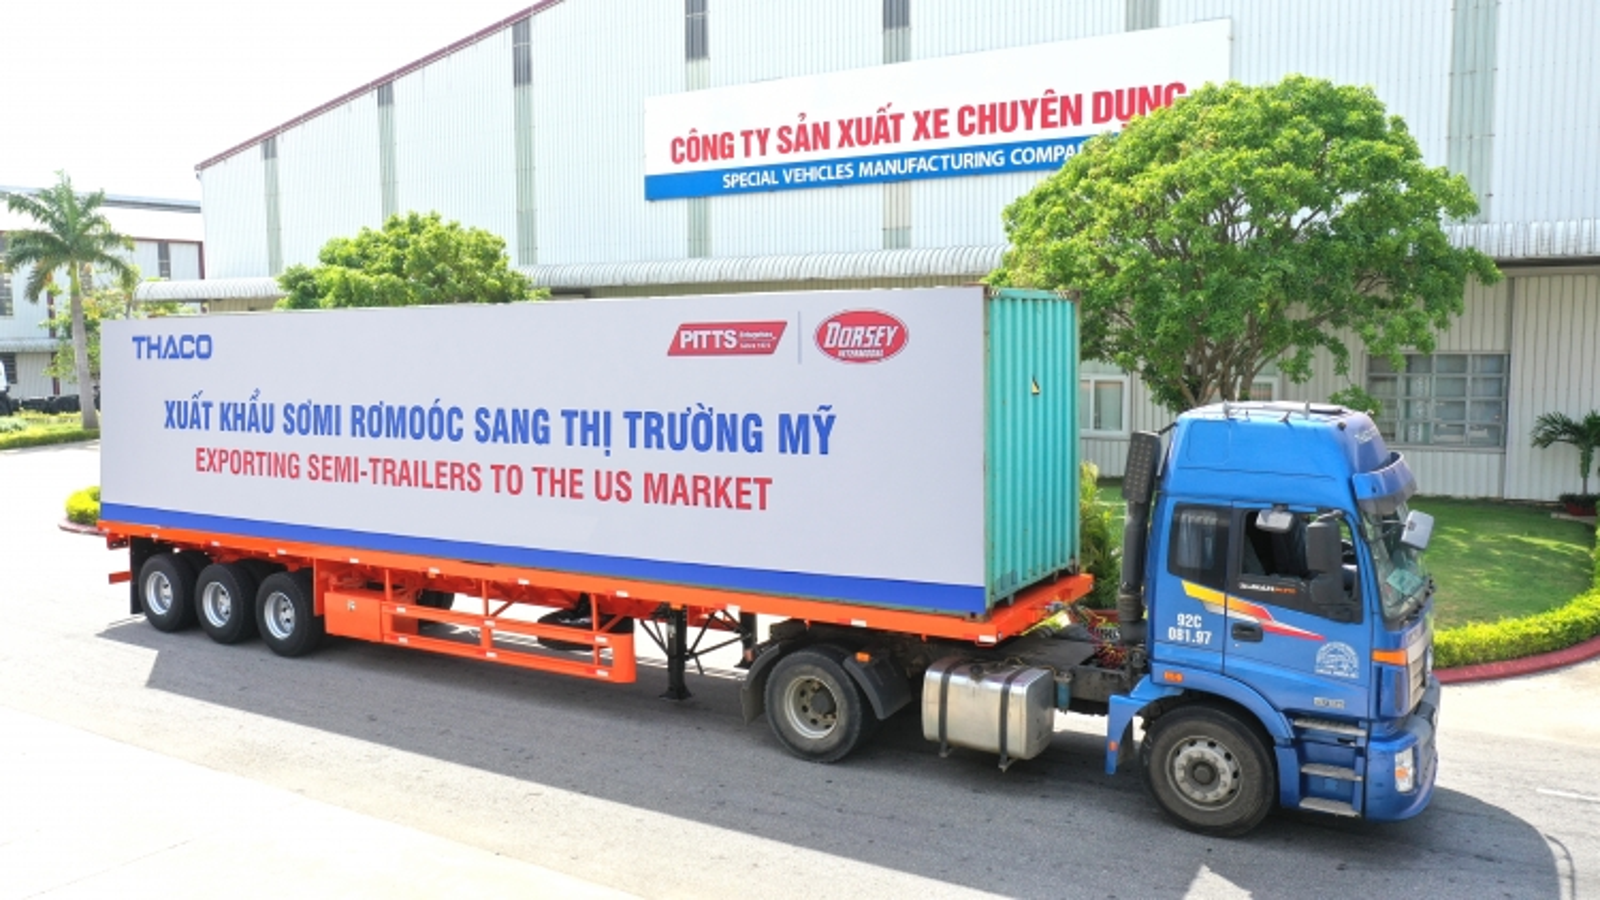 Thaco đẩy mạnh xuất khẩusơmi rơmoócsang thị trường Mỹ